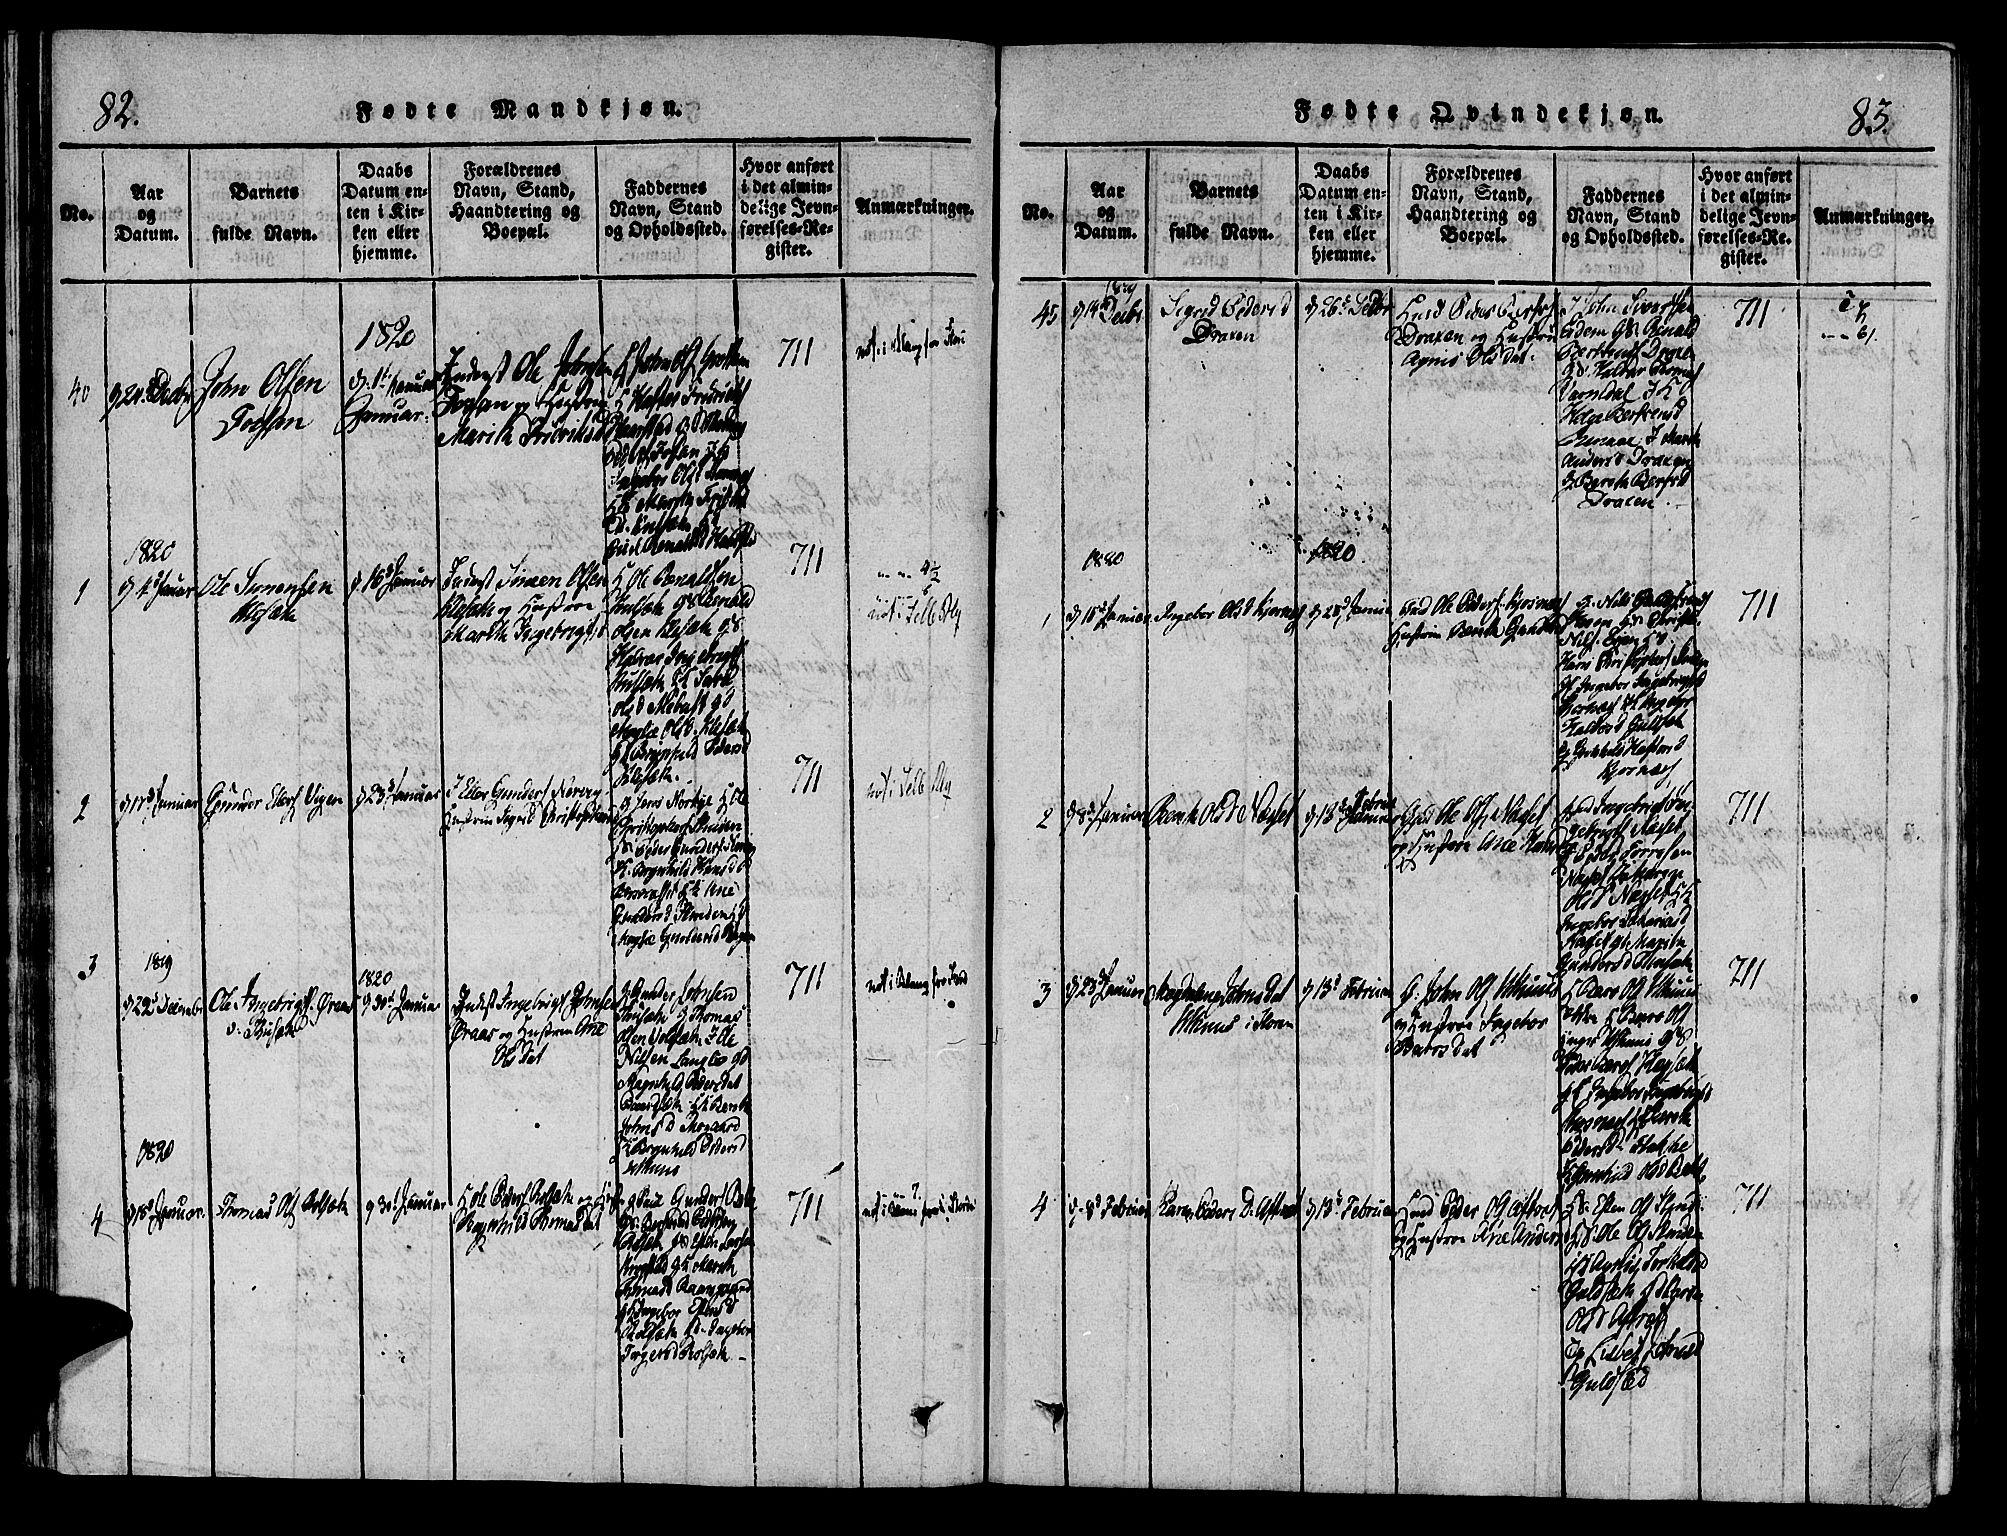 SAT, Ministerialprotokoller, klokkerbøker og fødselsregistre - Sør-Trøndelag, 695/L1141: Ministerialbok nr. 695A04 /1, 1816-1824, s. 82-83